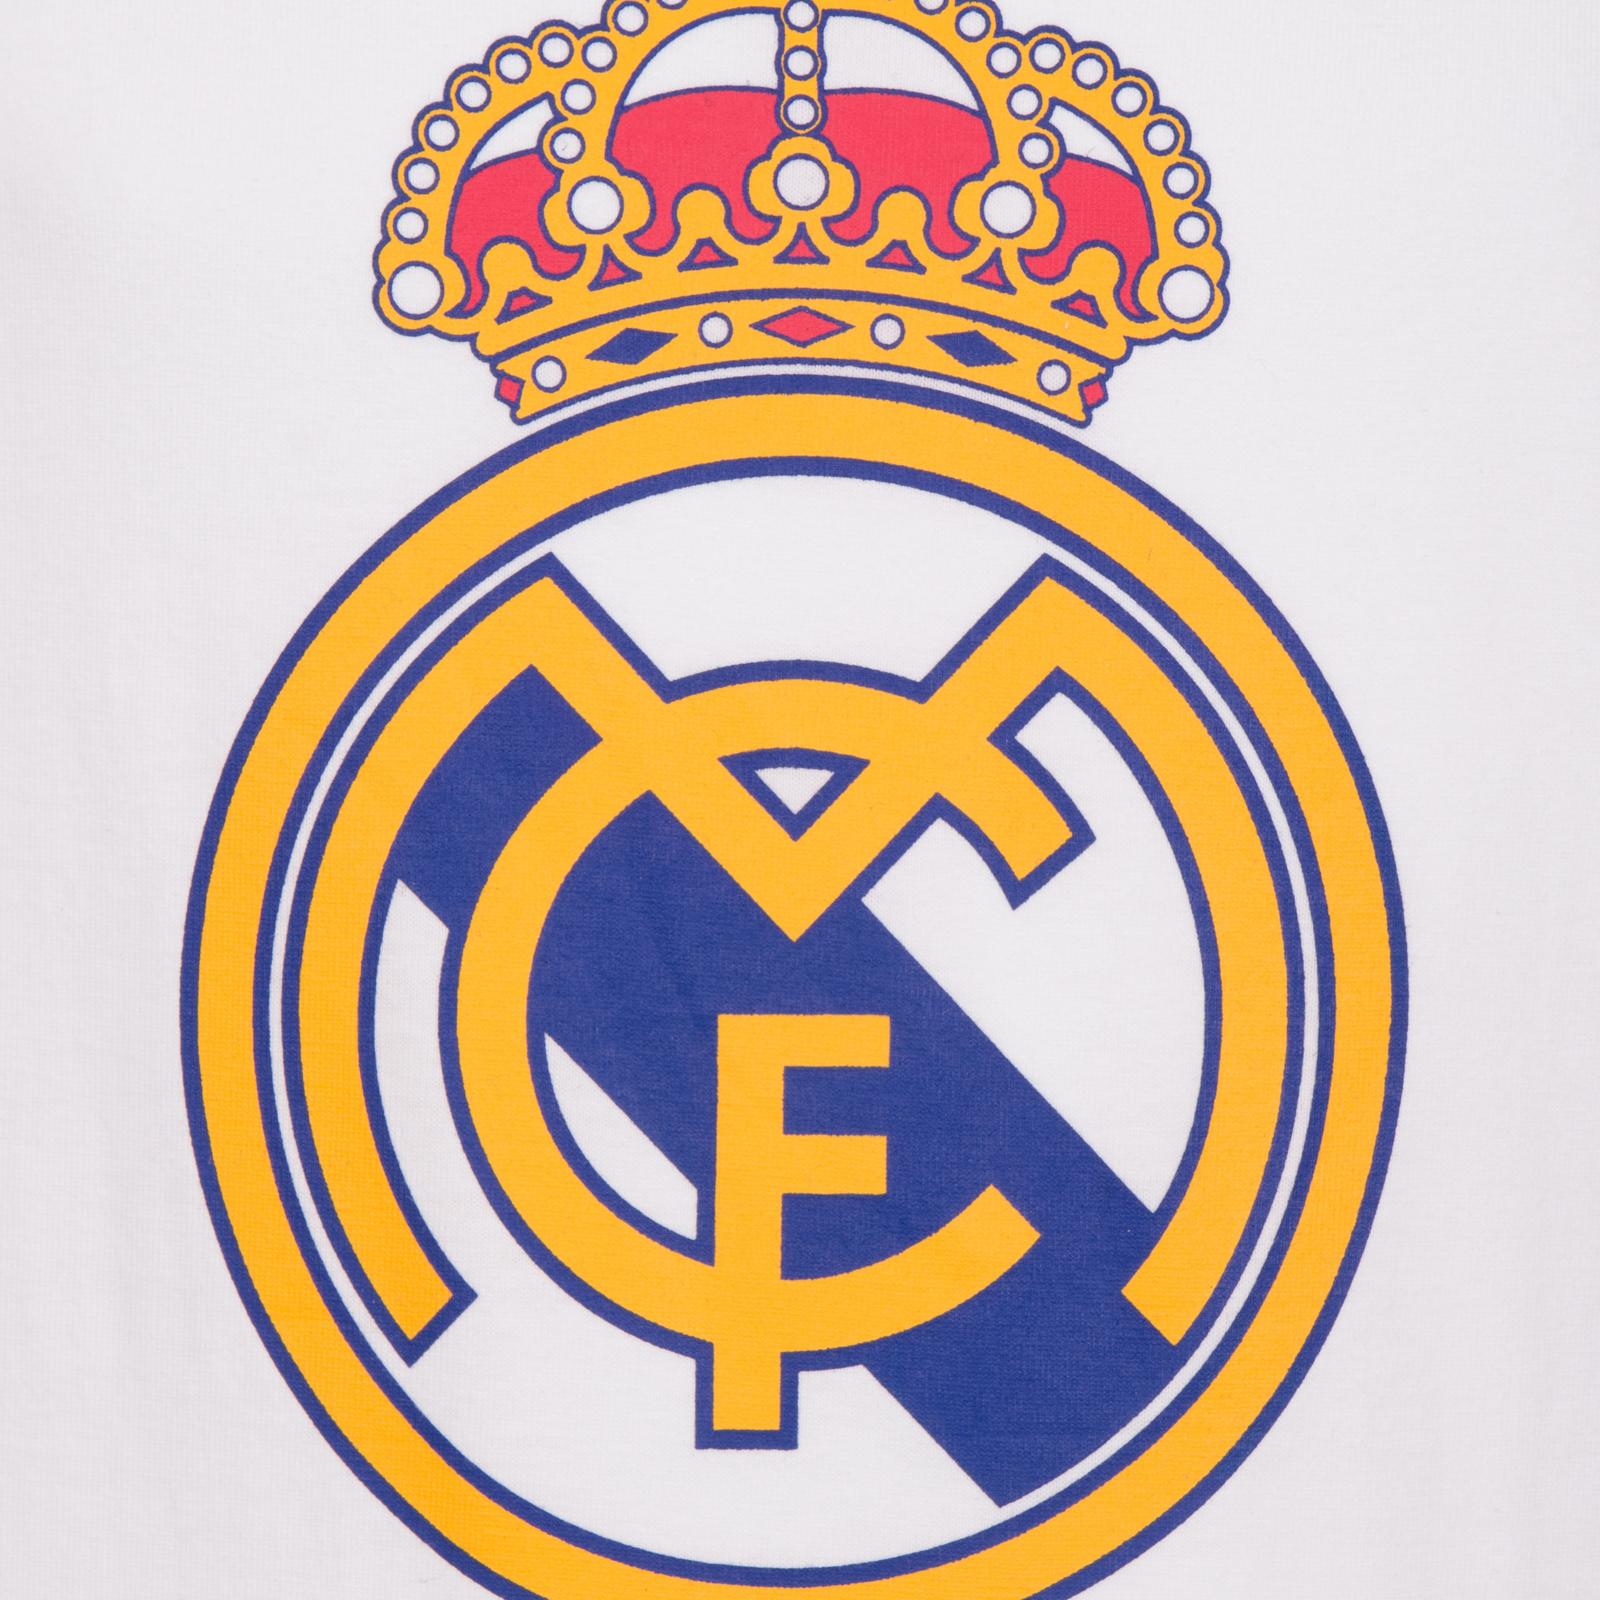 Vereinswappen Real Madrid